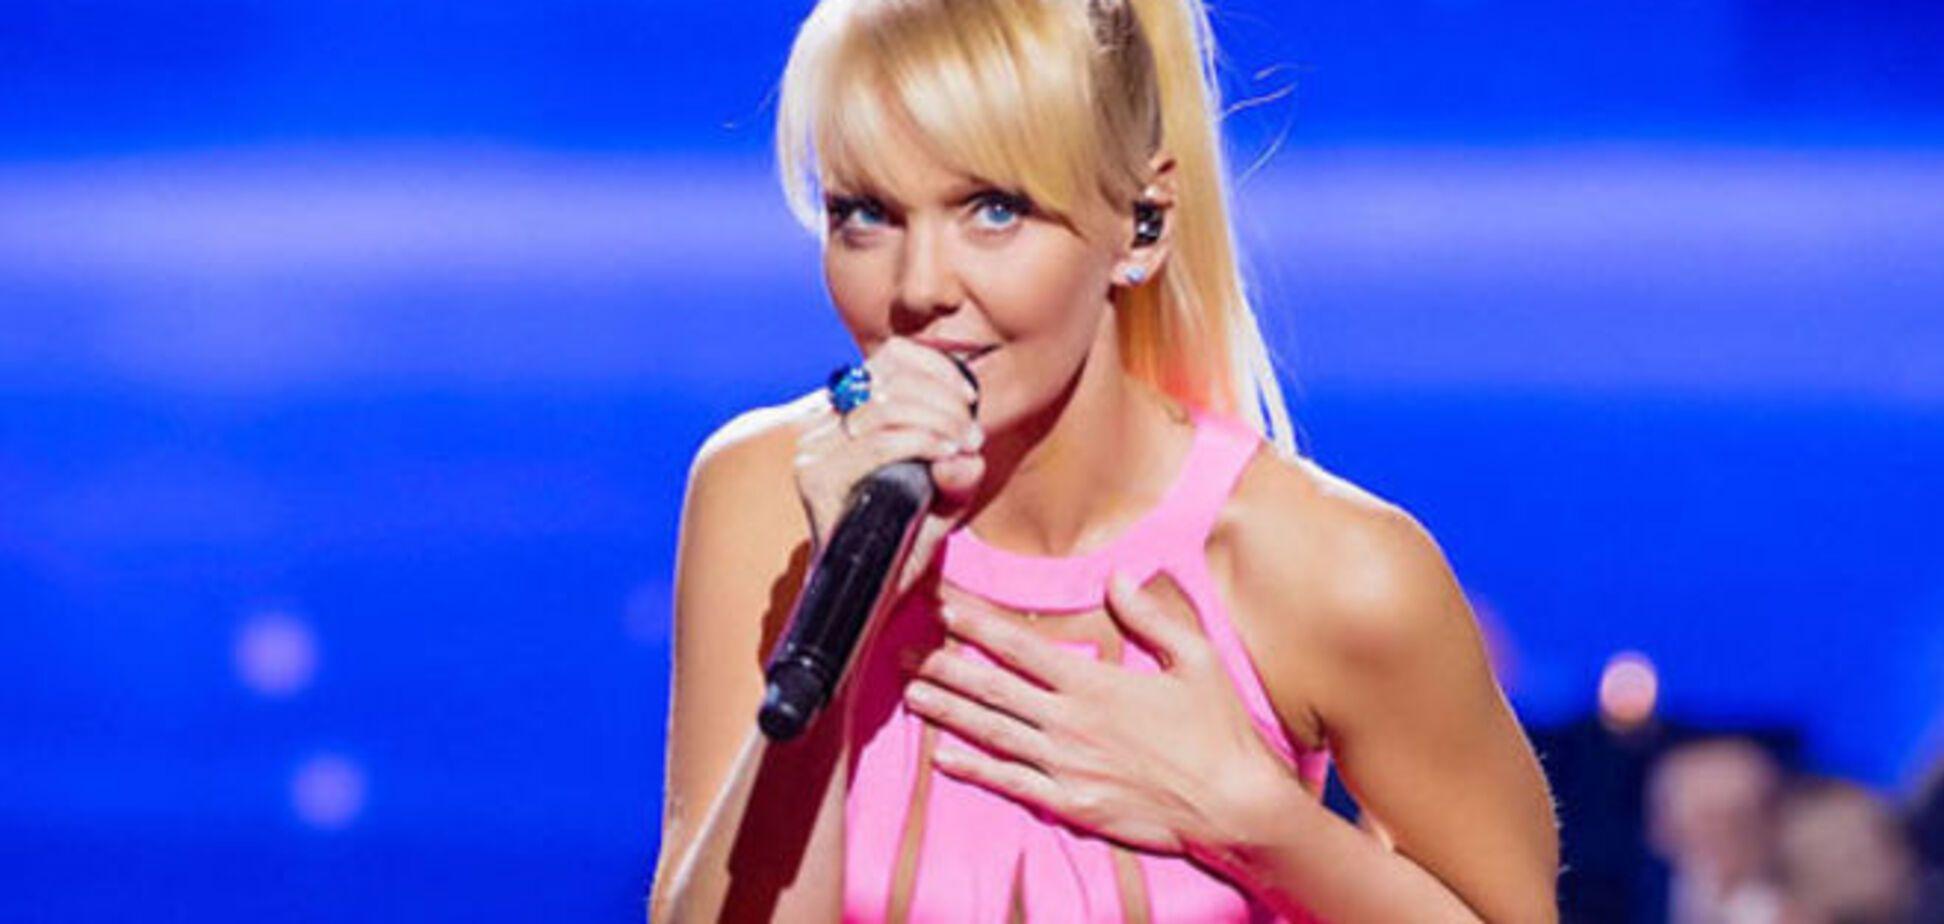 В Якутии чиновники спустили на концерт Валерии годовой бюджет: документы